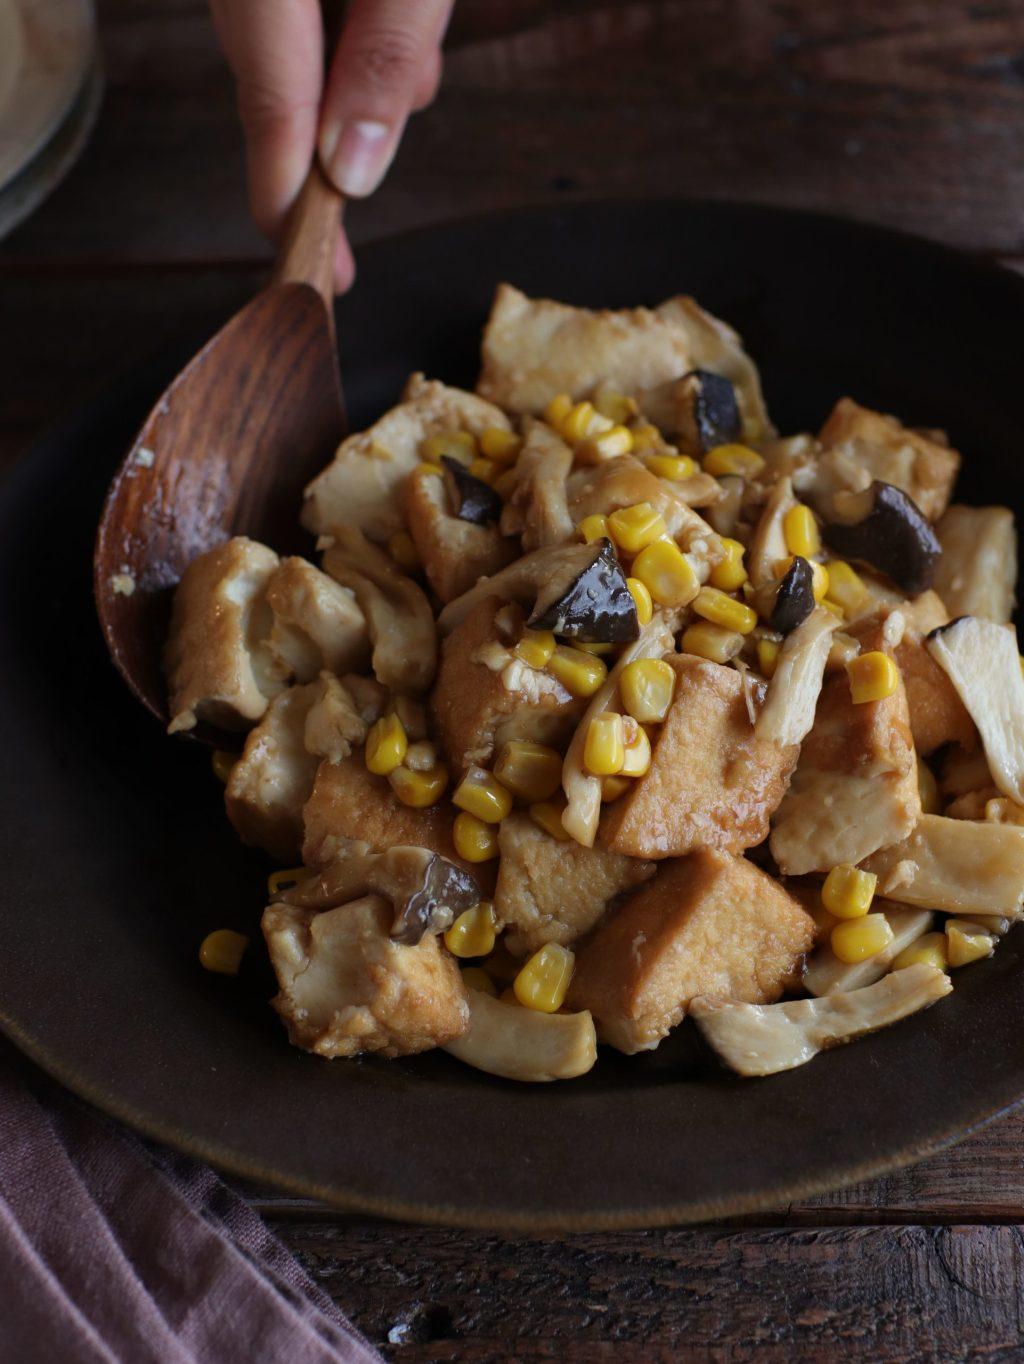 【レシピ】ちぎって簡単!厚揚げとエリンギのバタポン炒め